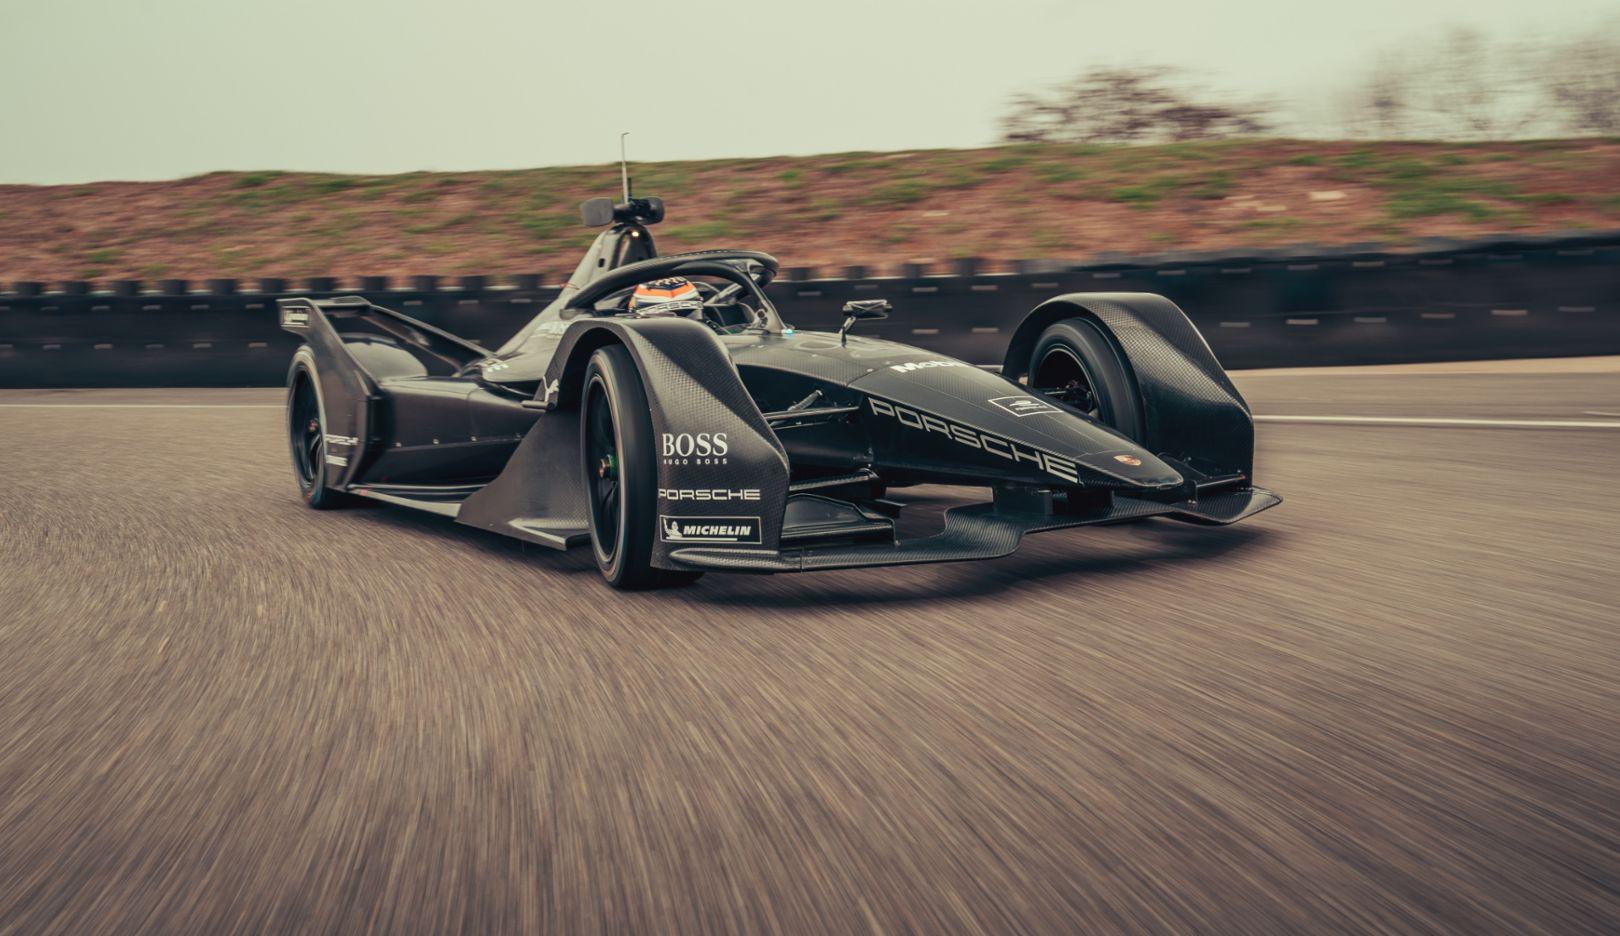 Нил Яни, ходовые испытания болида Формулы Е, Вайссах, 2019, Porsche AG